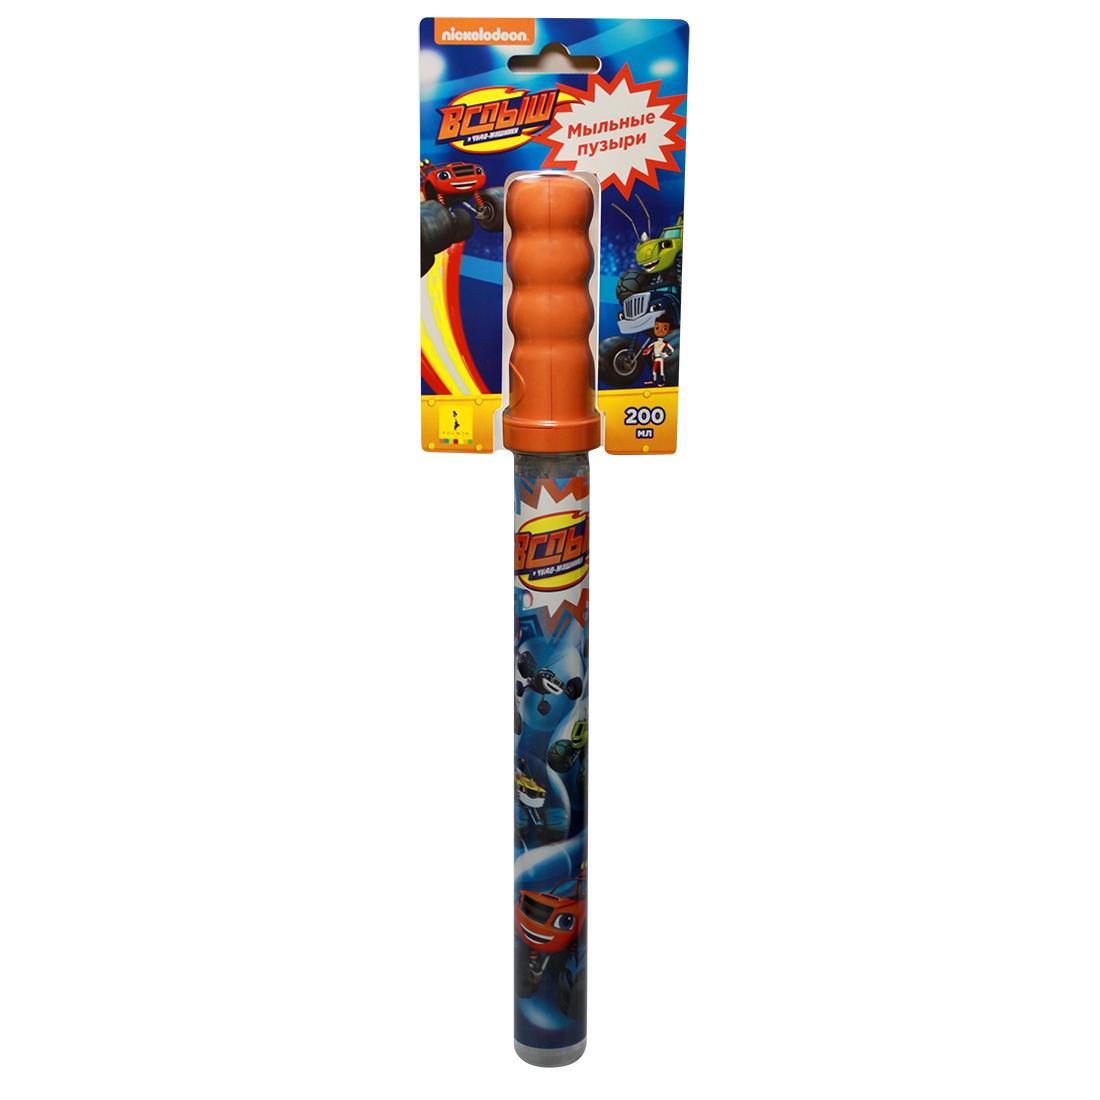 Купить Мыльные пузыри Вспыш™ - Волшебная палочка, 200 мл, Росмэн